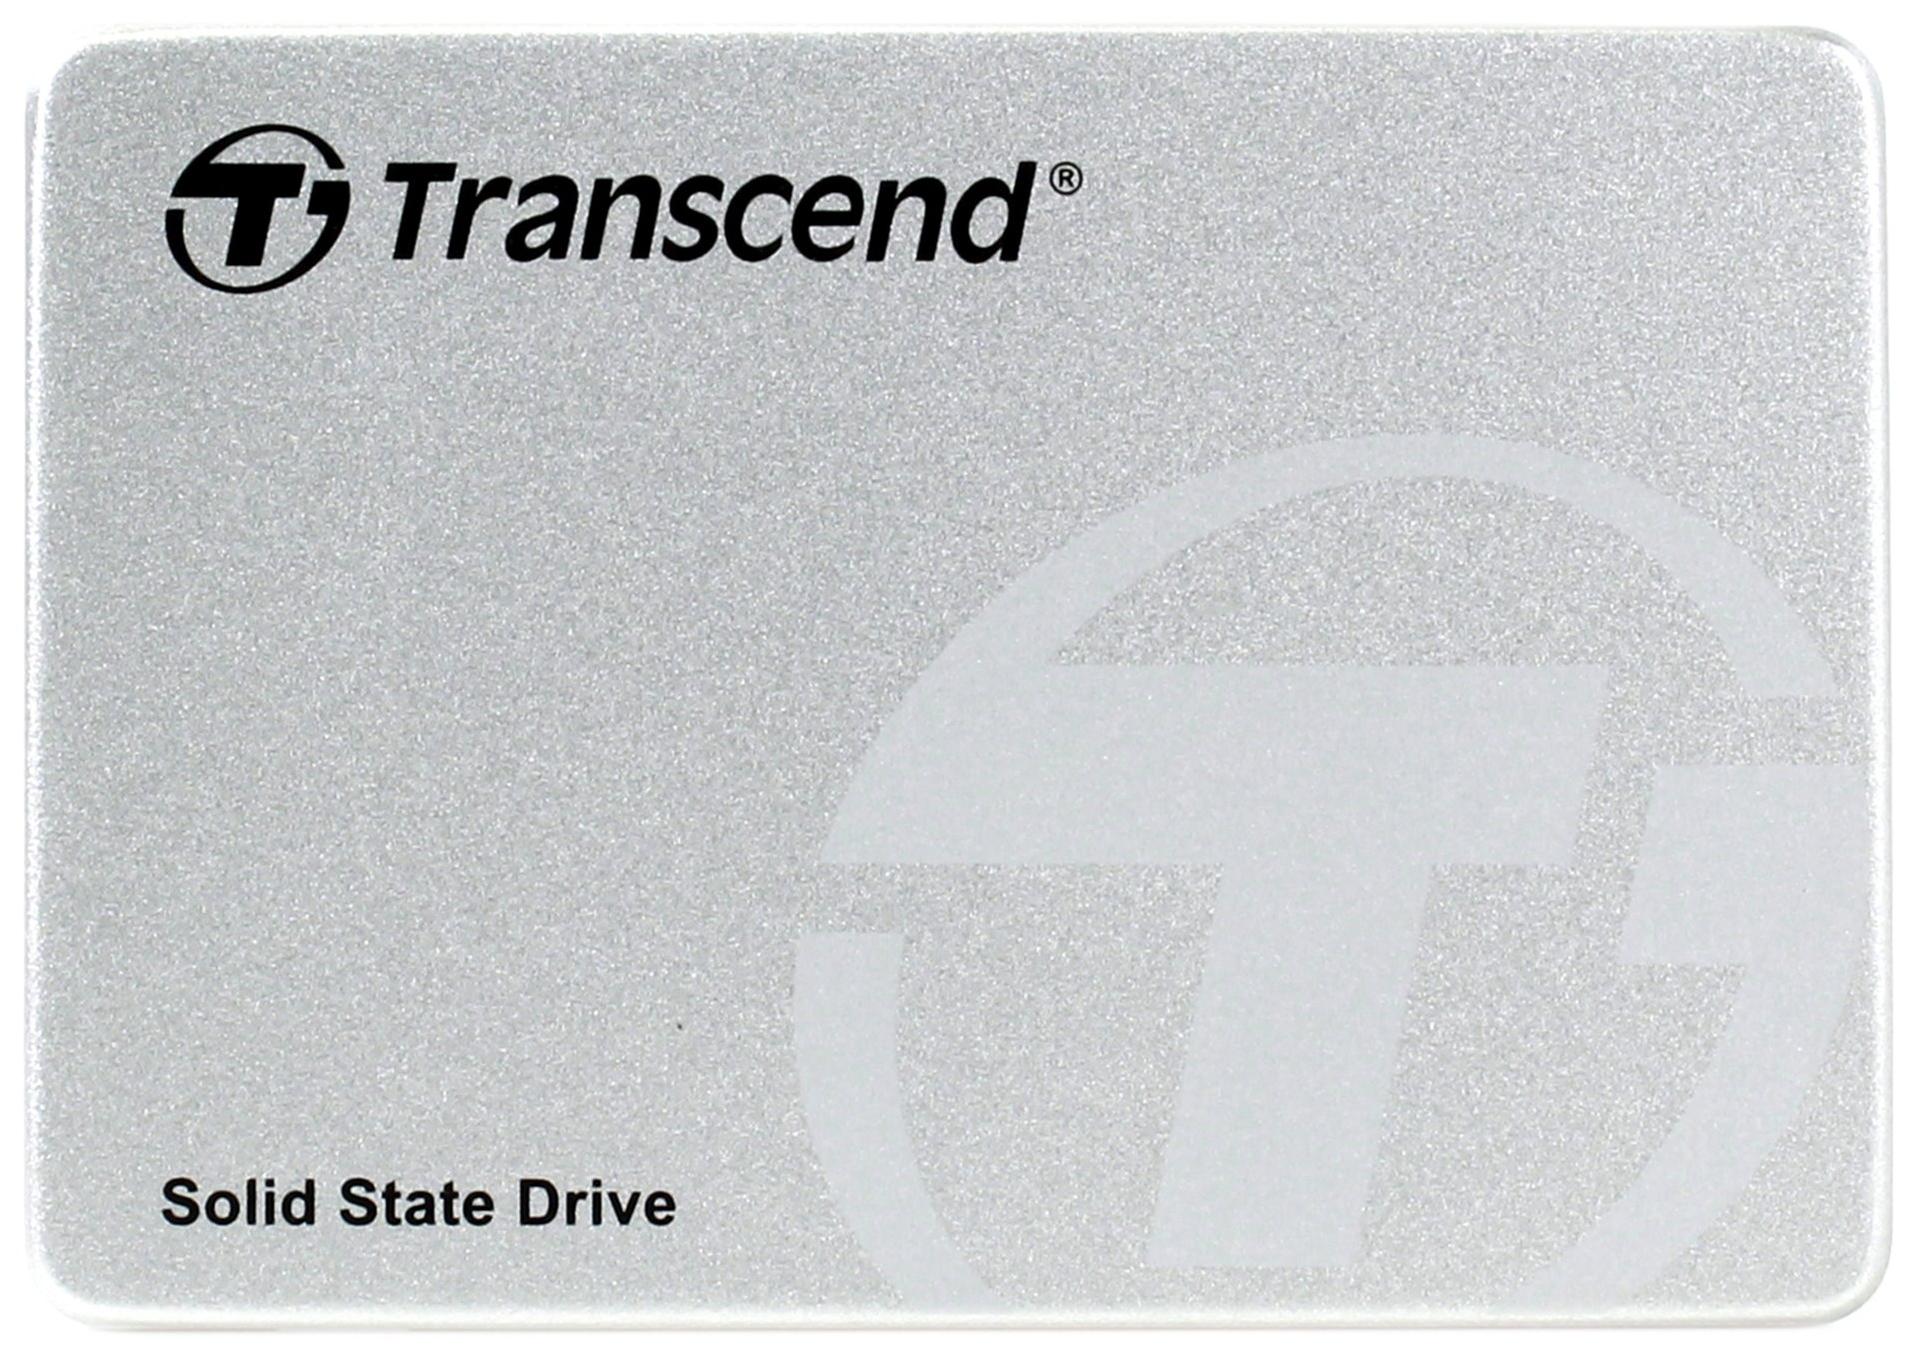 Внутренний SSD накопитель Transcend 370S 256GB (TS256GSSD370S)